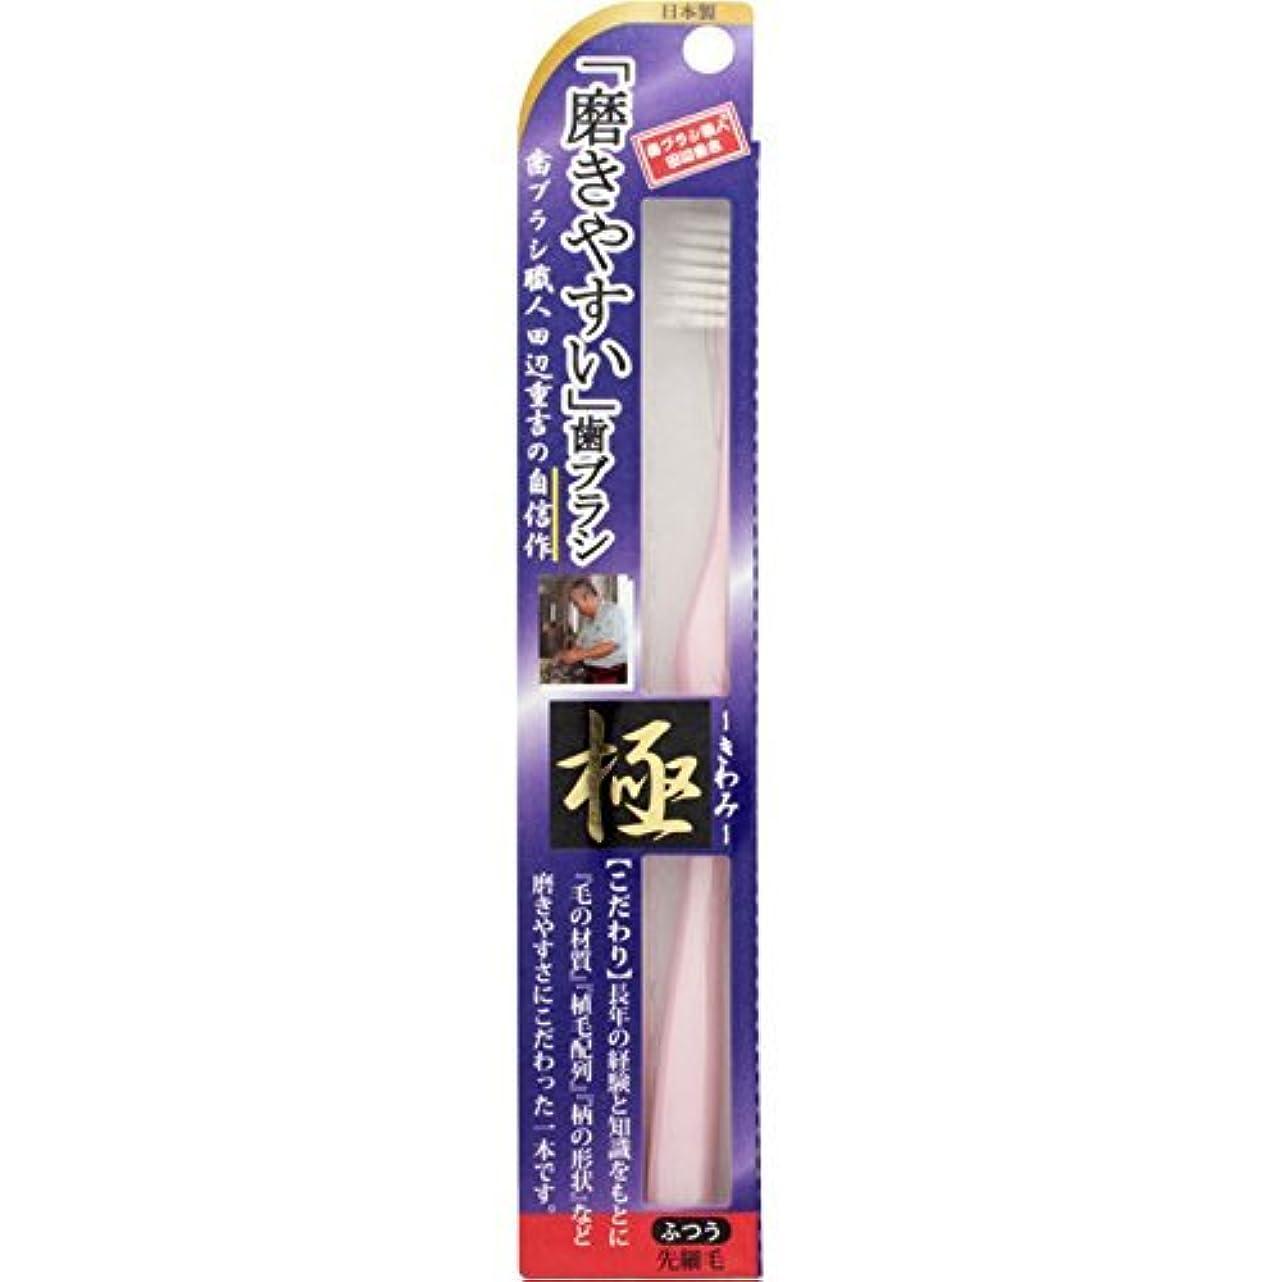 ブロックする王朝メンテナンス【まとめ買い】磨きやすい歯ブラシ 極 LT22 ×6個